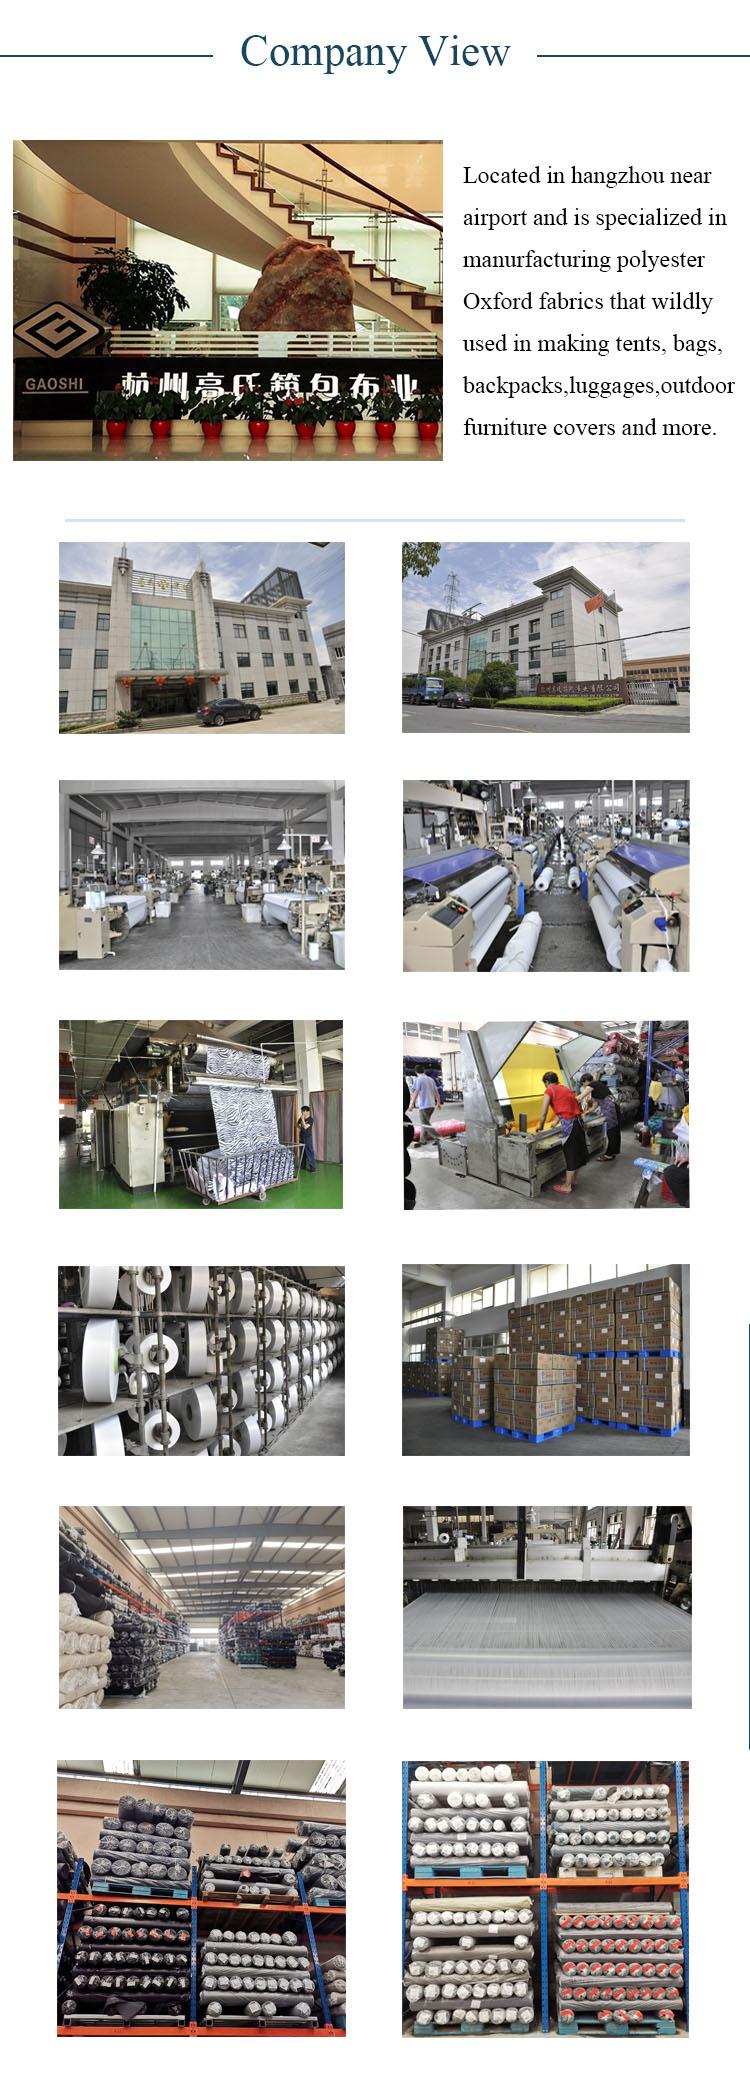 Nhà máy Cung Cấp Bán Buôn Giá Rẻ Vải Dệt May Chất Lượng Tốt 600D Ripstop Polyester Vải Oxford